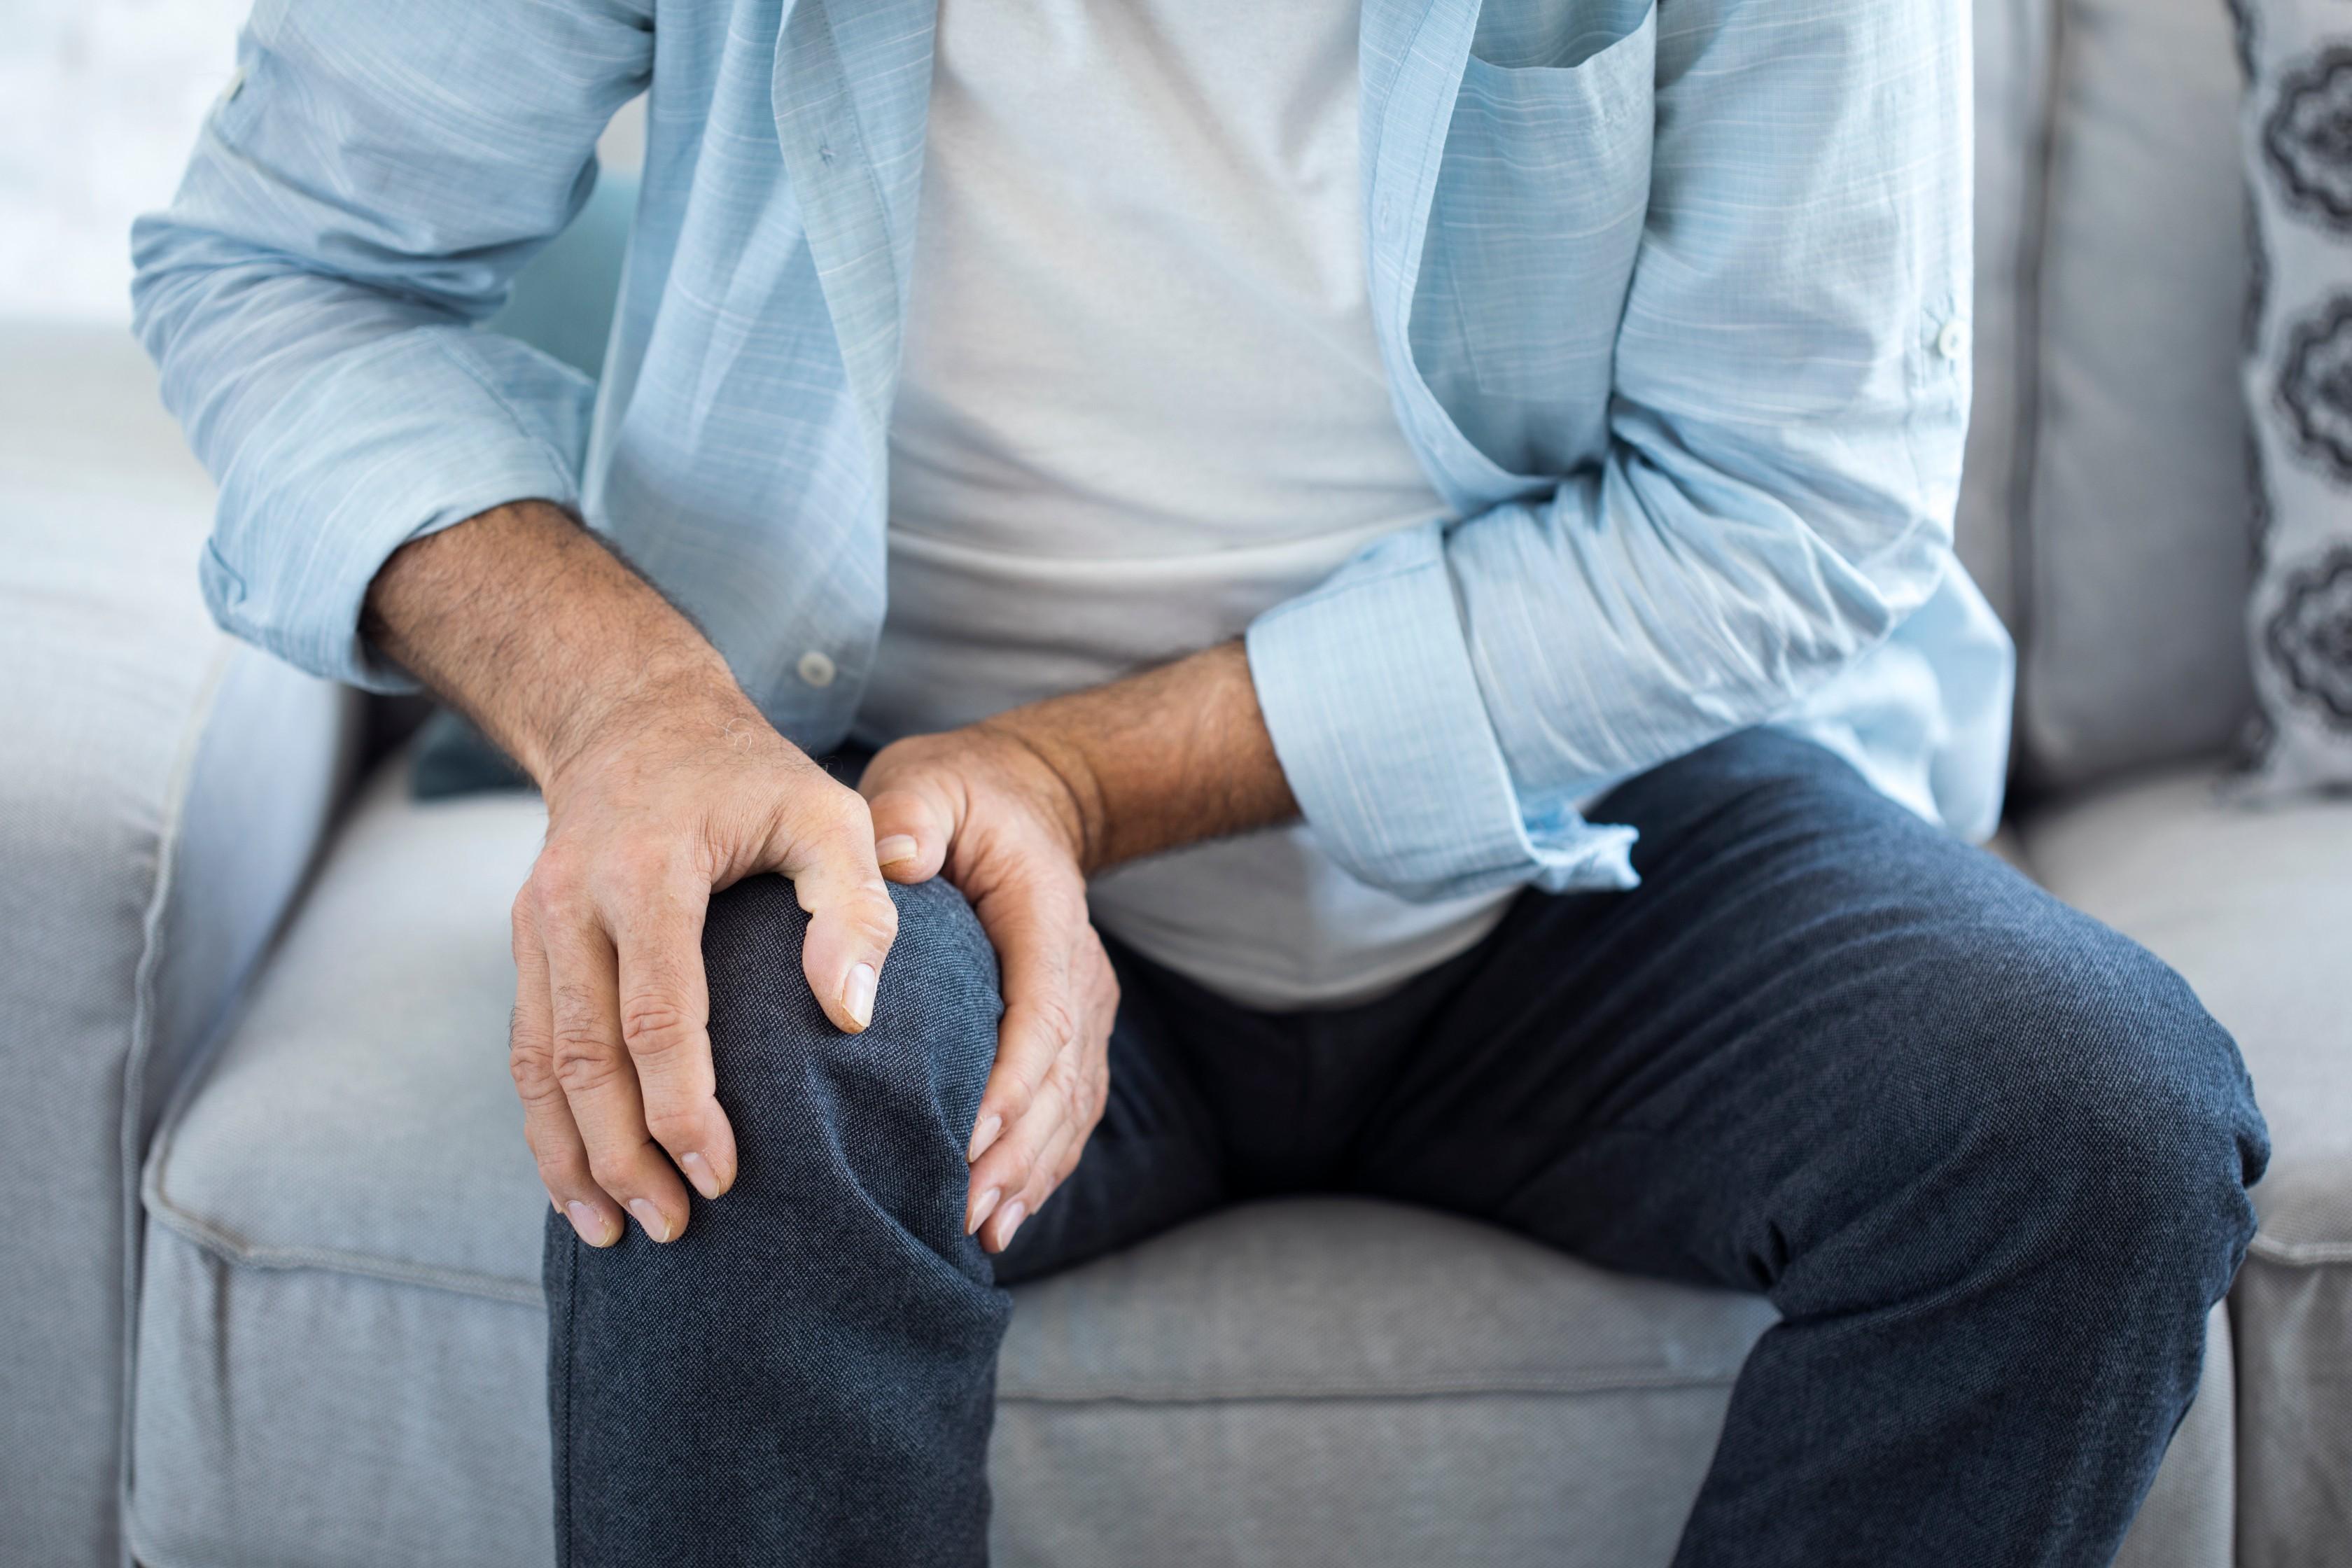 hogyan lehet gyógyítani az ízületeket a ropogásoktól és a fájdalmaktól)